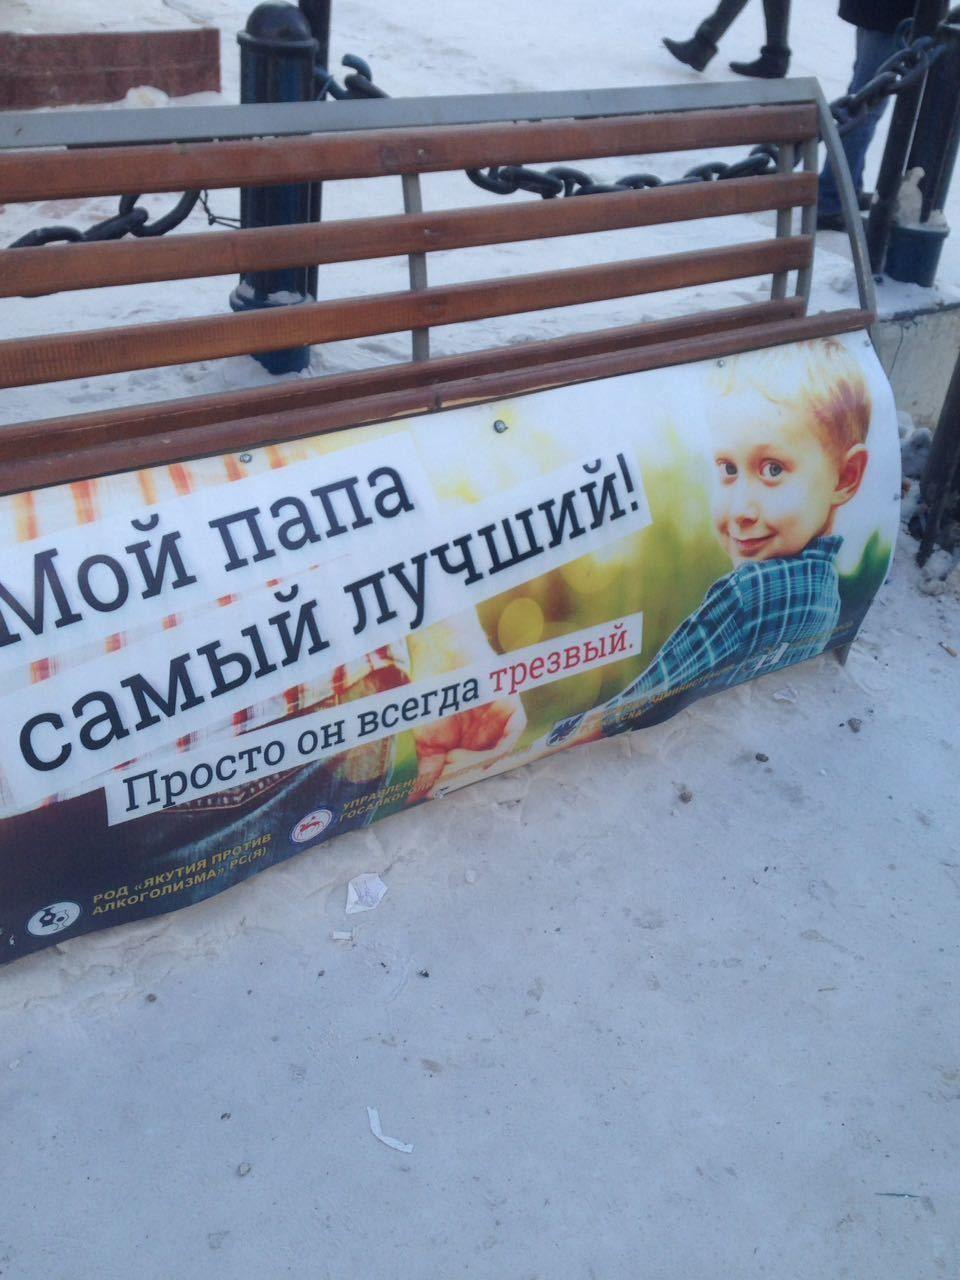 В Якутске на скамейках появилась социальная реклама о трезвости